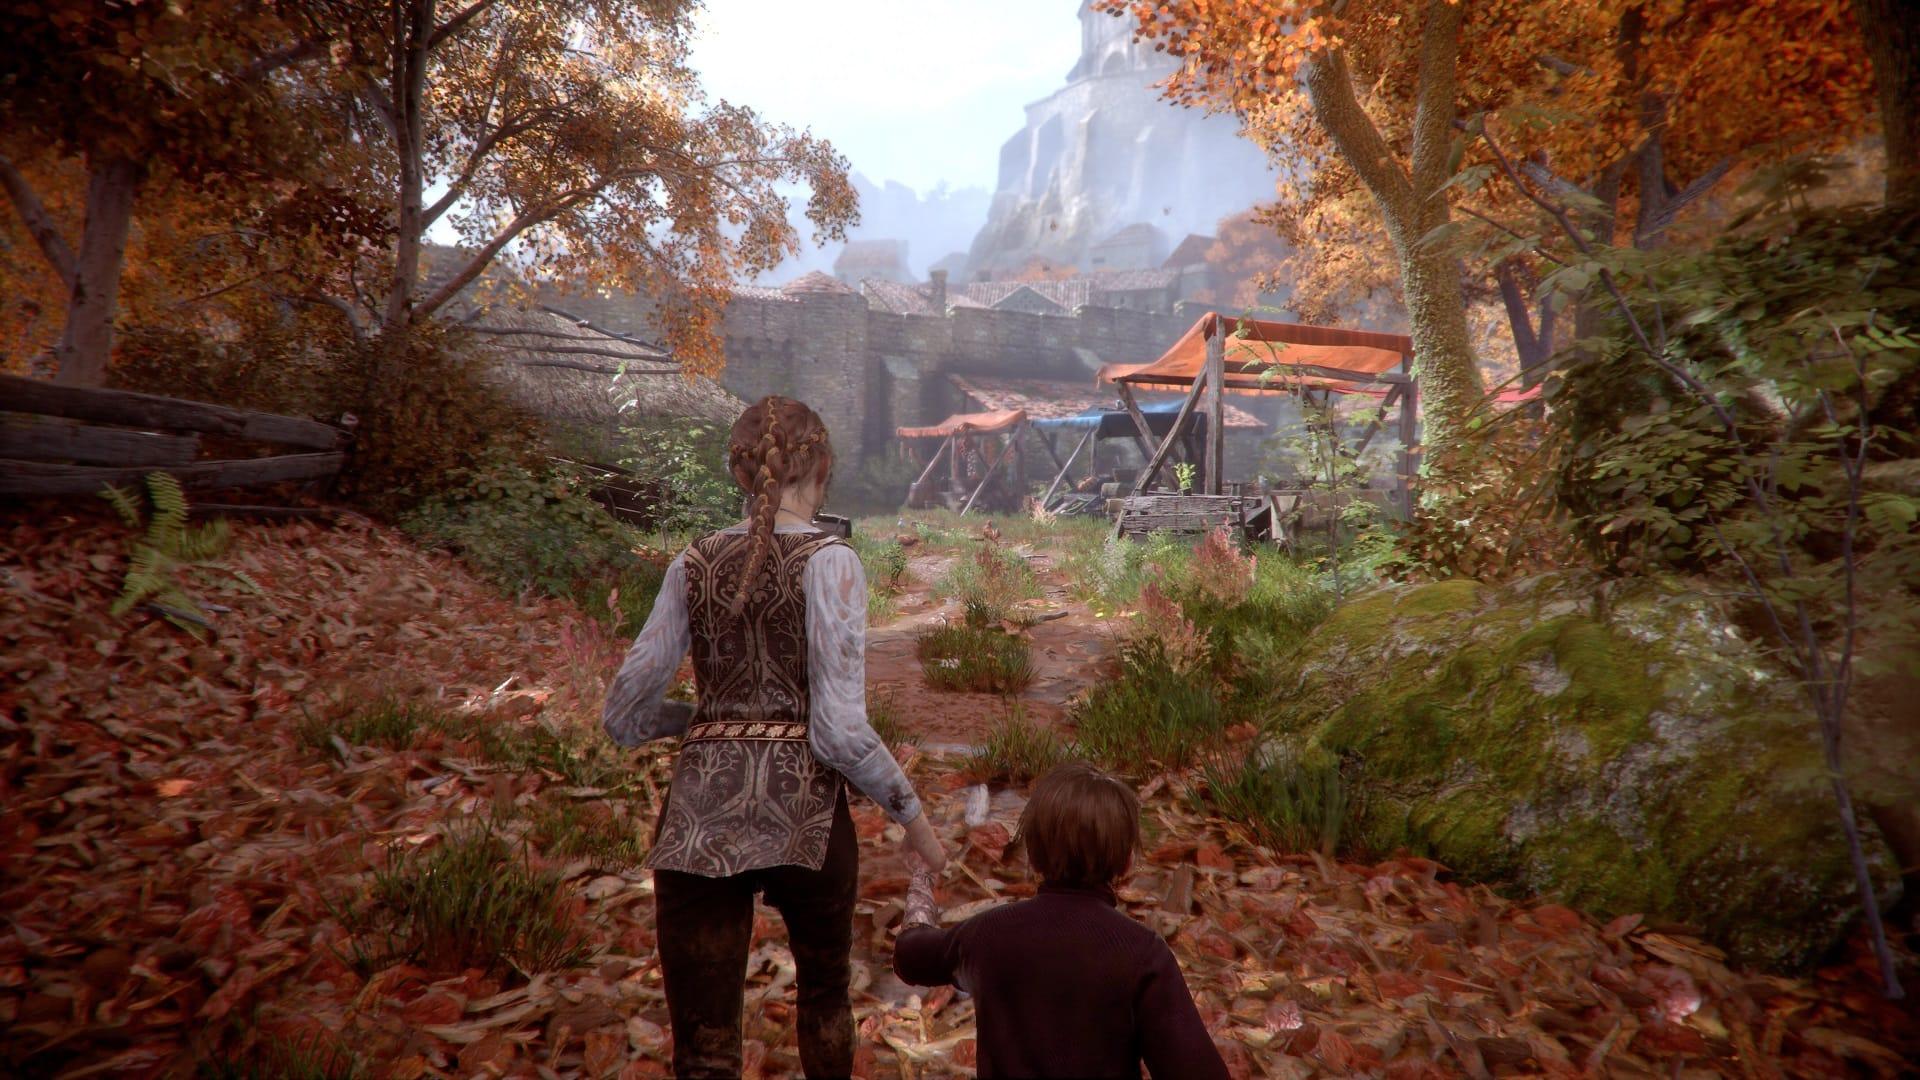 Xbox Game Pass gry najlepsza fabuła - A Plague Tale: Innocence